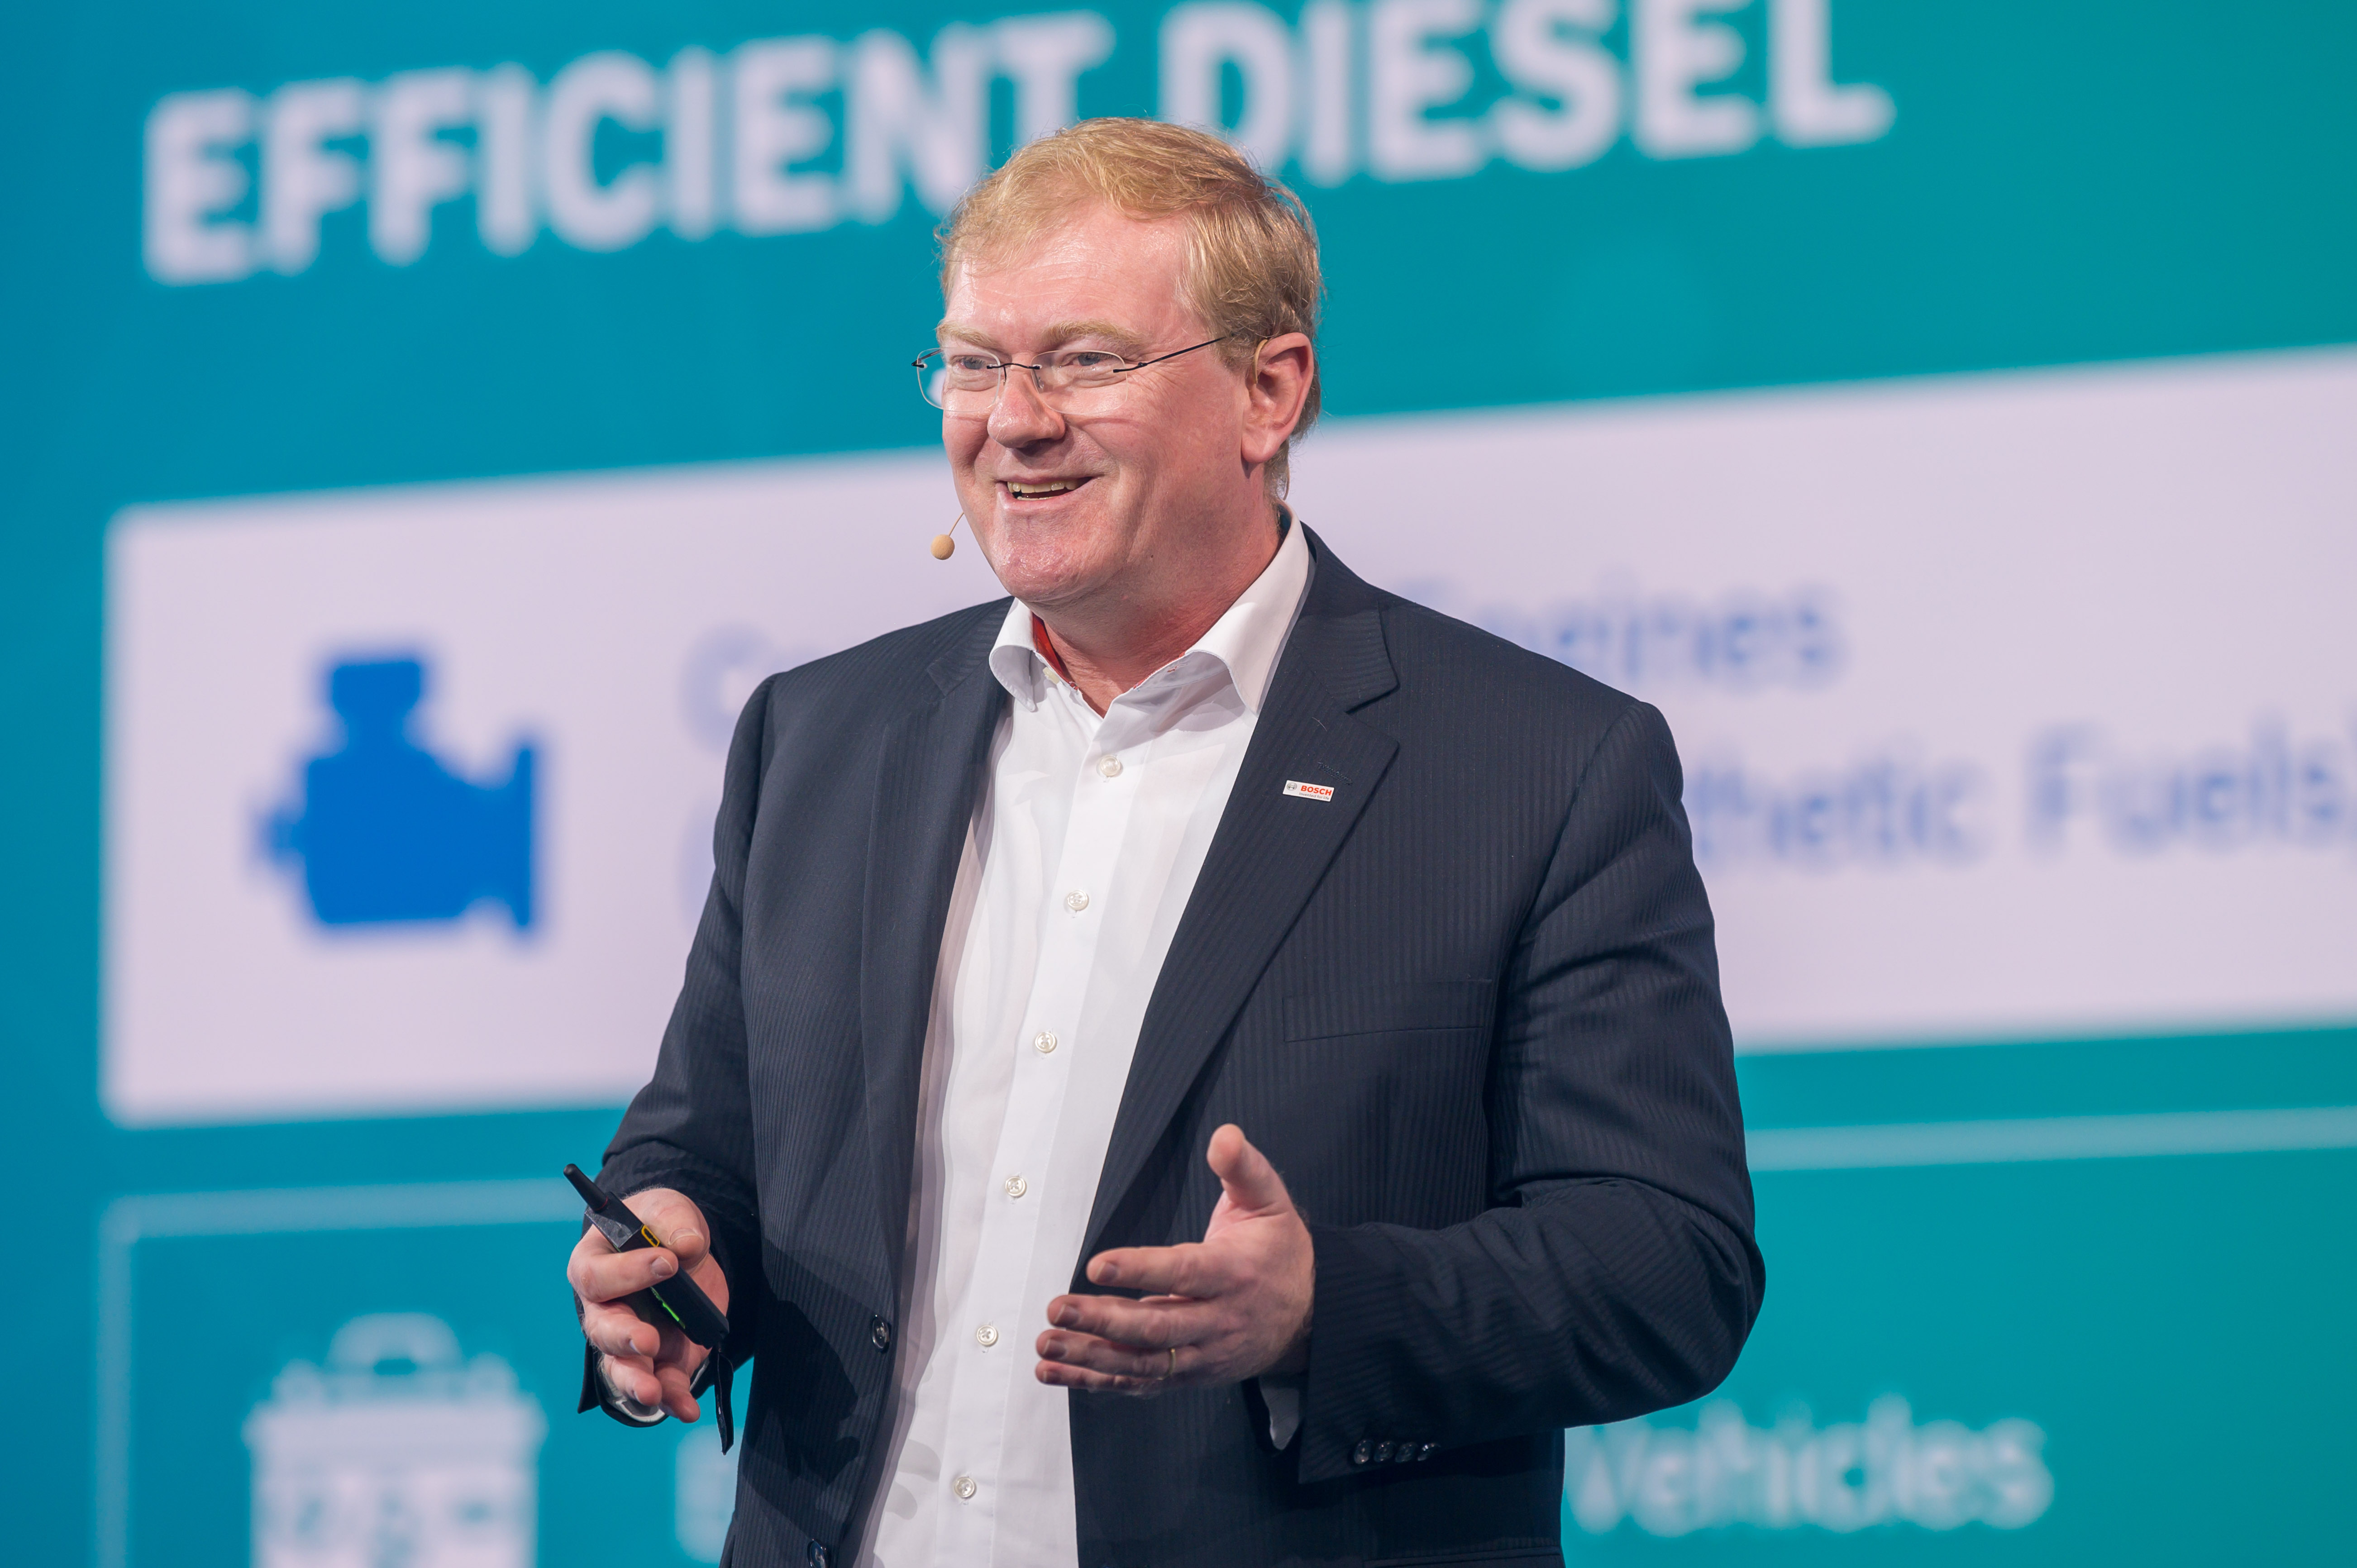 Dr. Stefan Hartung, Bosch-Geschäftsführer und Vorsitzender des Unternehmensbereichs Mobility Solutions, bei der Bosch ConnectedWorld 2020 in Berlin.